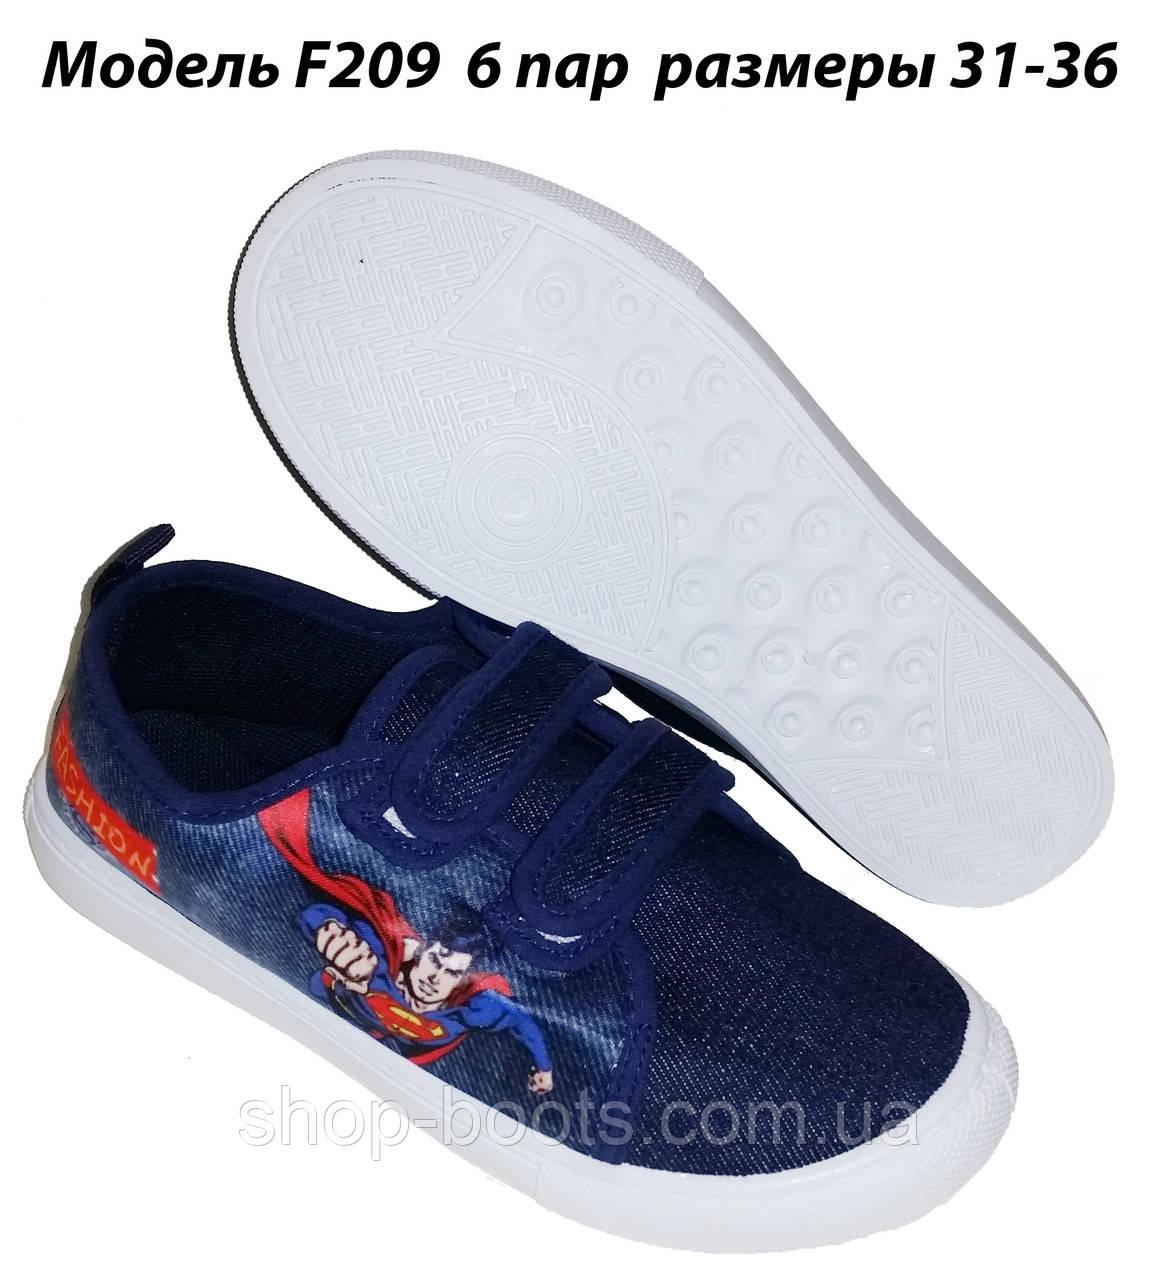 Подростковые  мокасины оптом 31-36рр. Модель мокасин F209